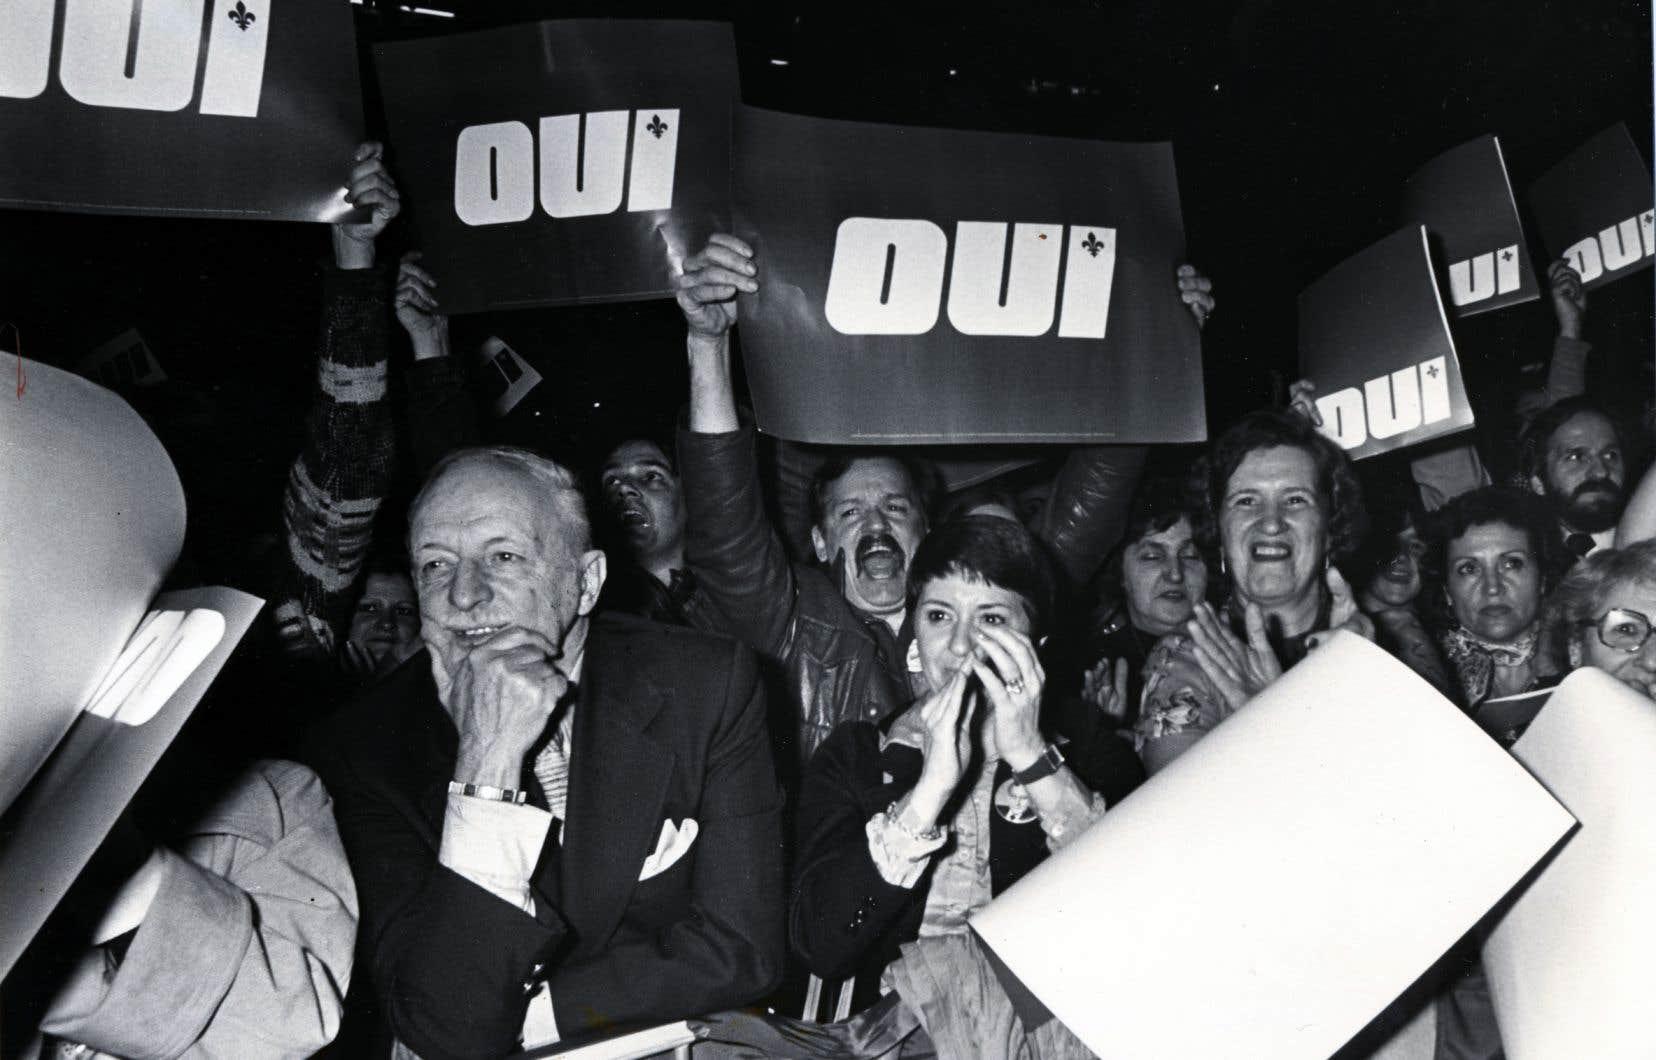 «Le Parti québécois, un parti avant tout formé d'idéalistes compétents, fut donc victime des succès de ses réformes qu'il a pu réaliser dans le cadre fédéral, un régime suffisamment souple permettant de nombreuses avancées sociales et économiques, et ce, sans fracture politique», écrit l'auteur.